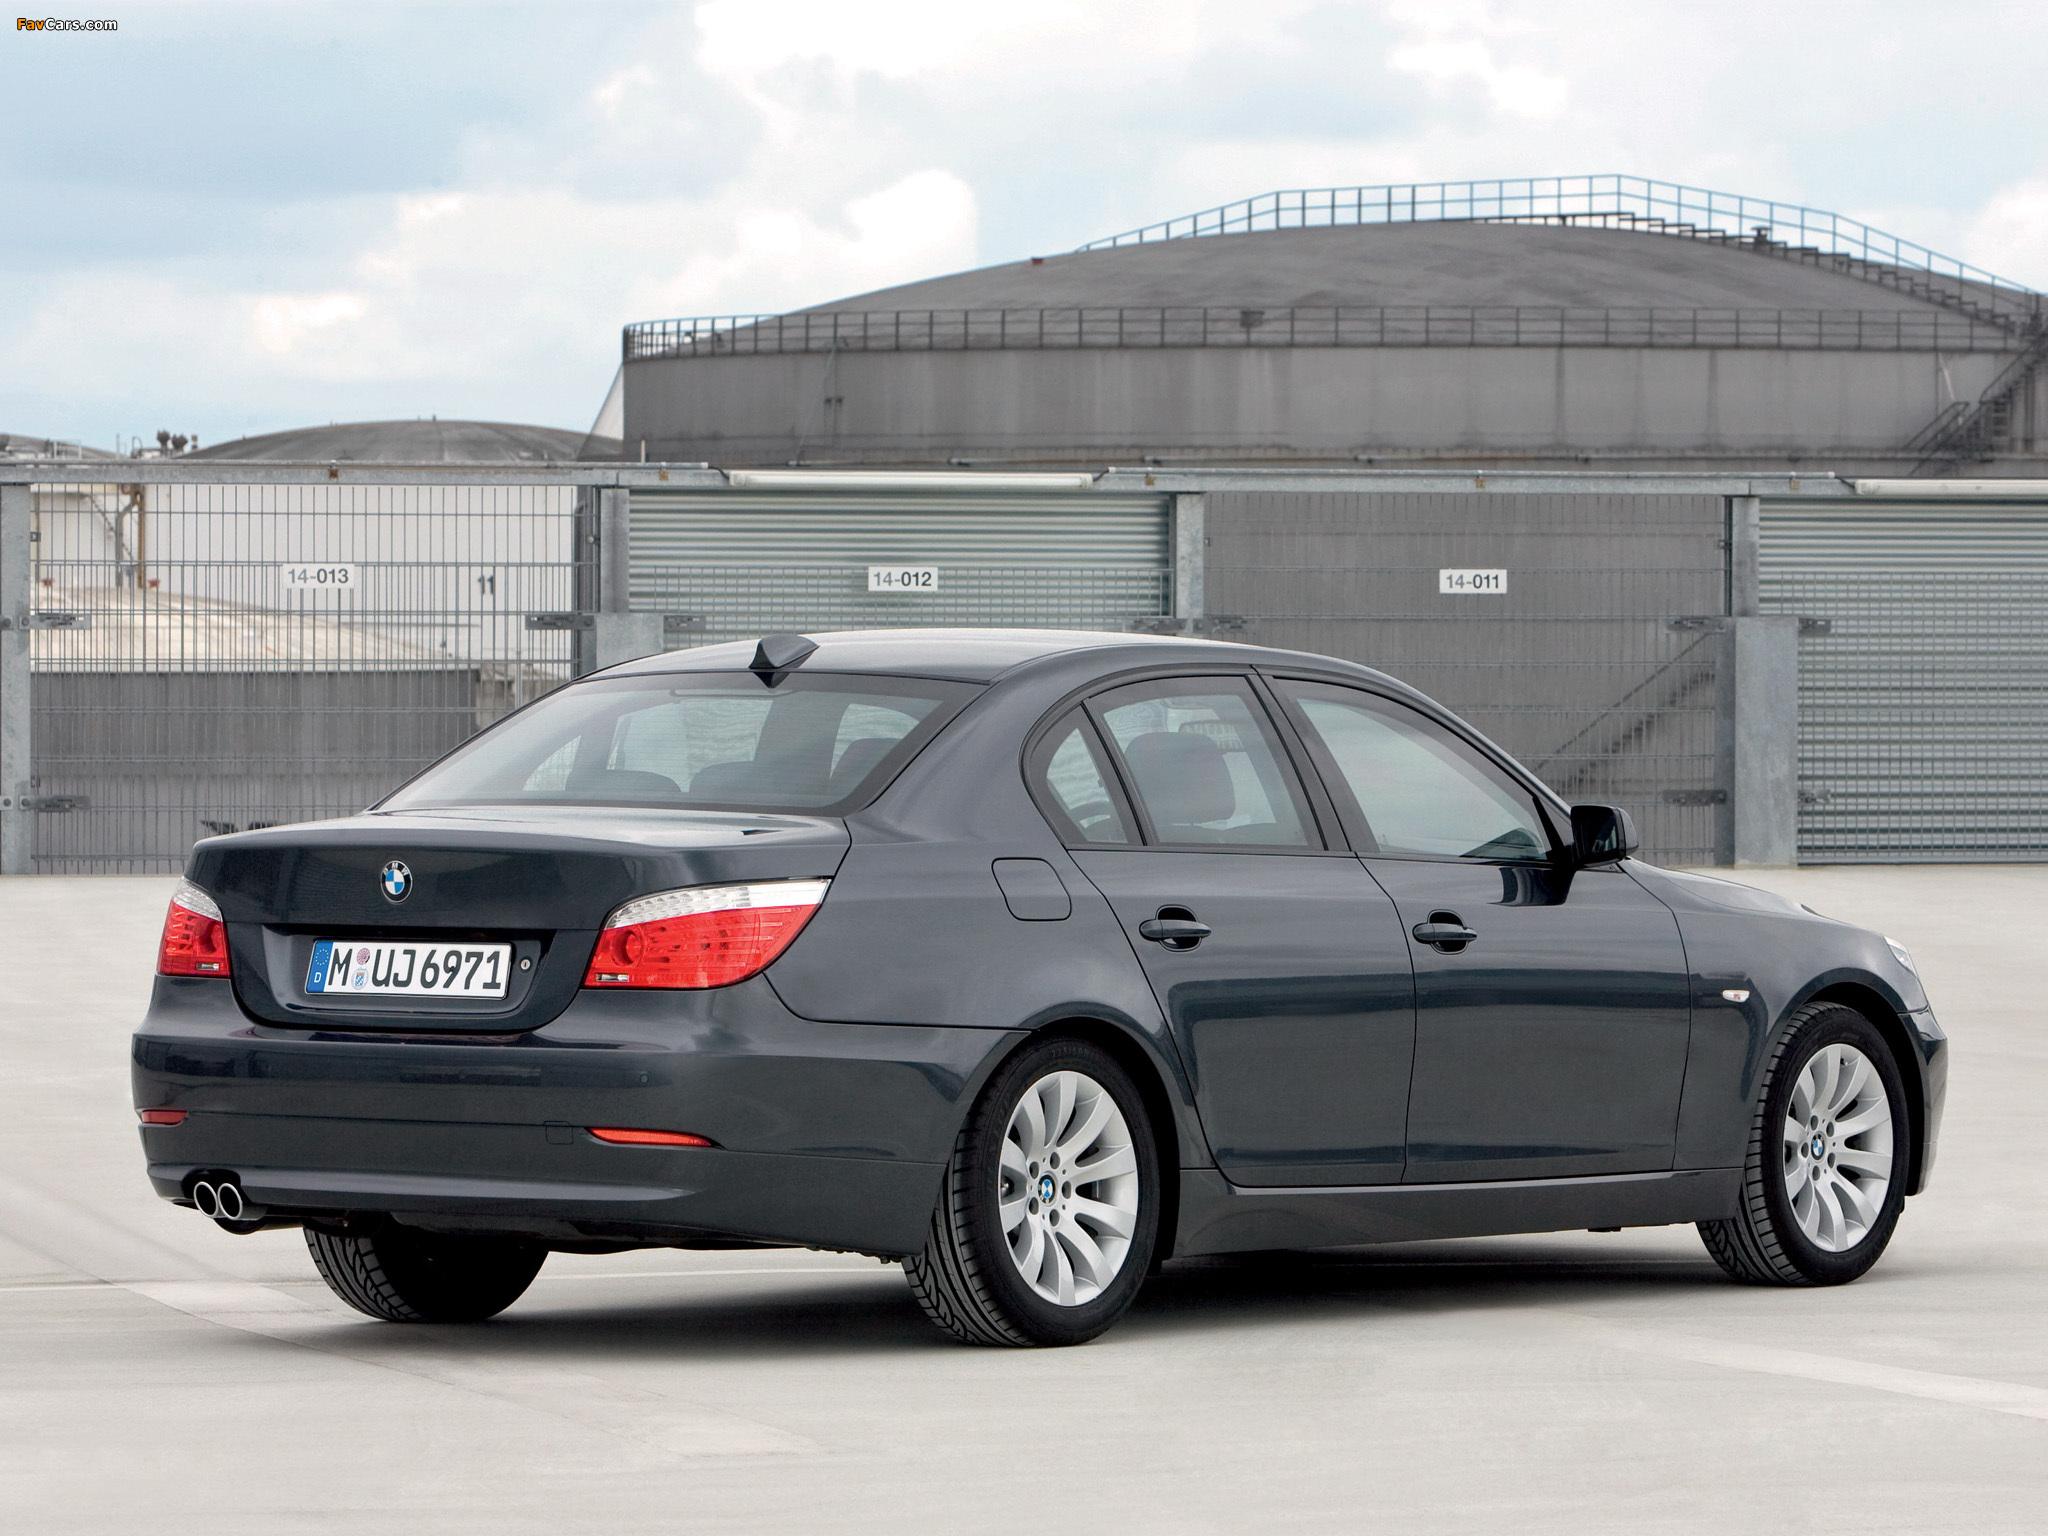 Почему на некоторых заправках в горловину бака BMW 5 E60 не входит пистолет